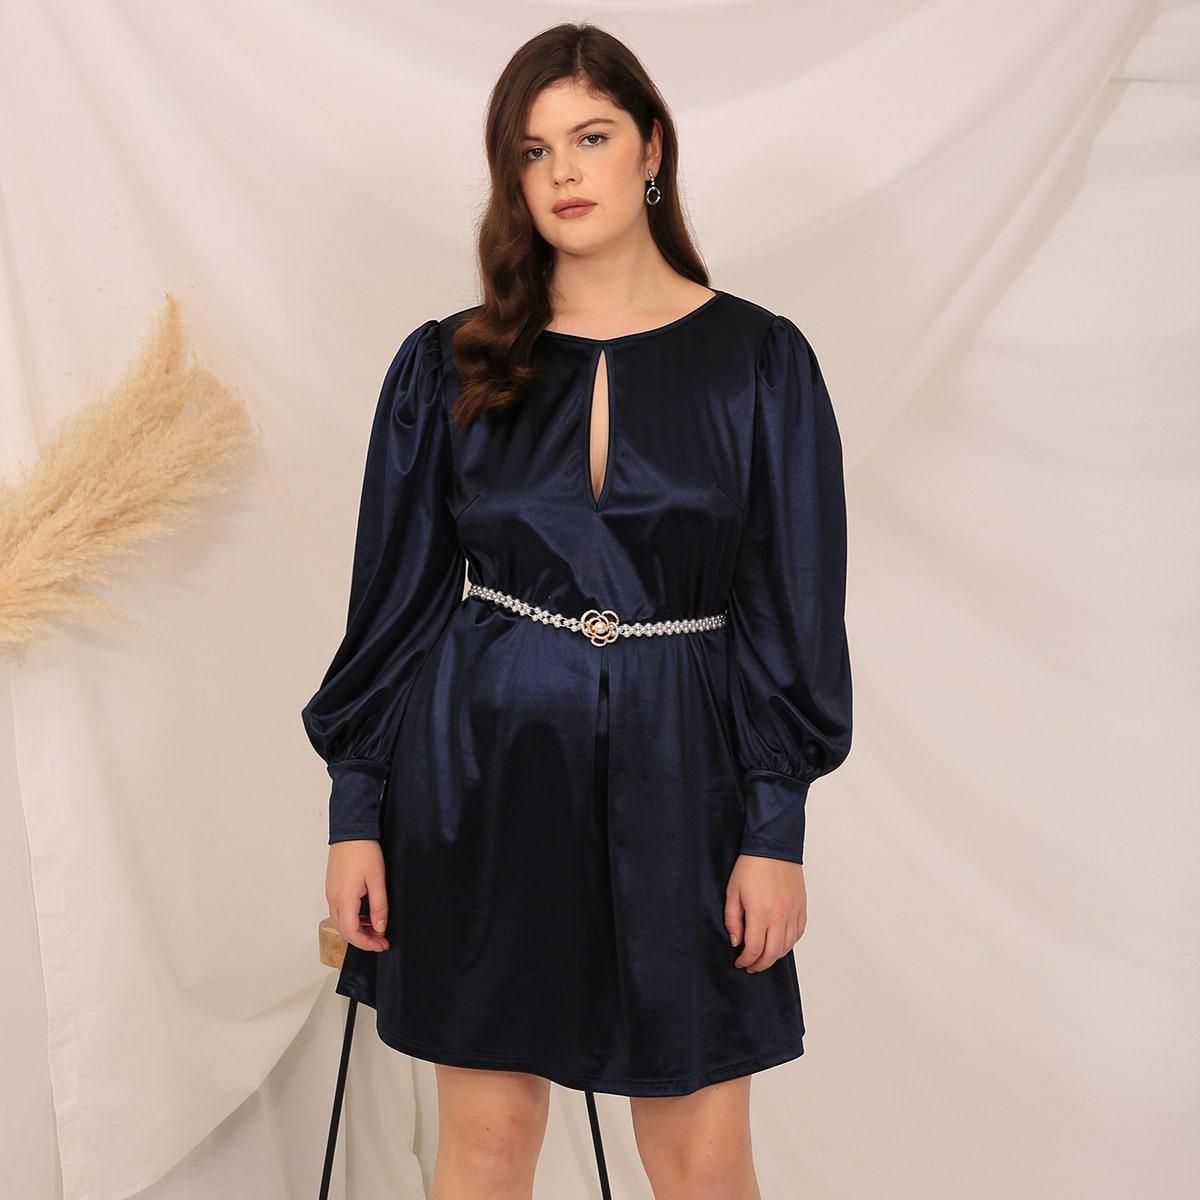 Атласное платье размера плюс без пояса